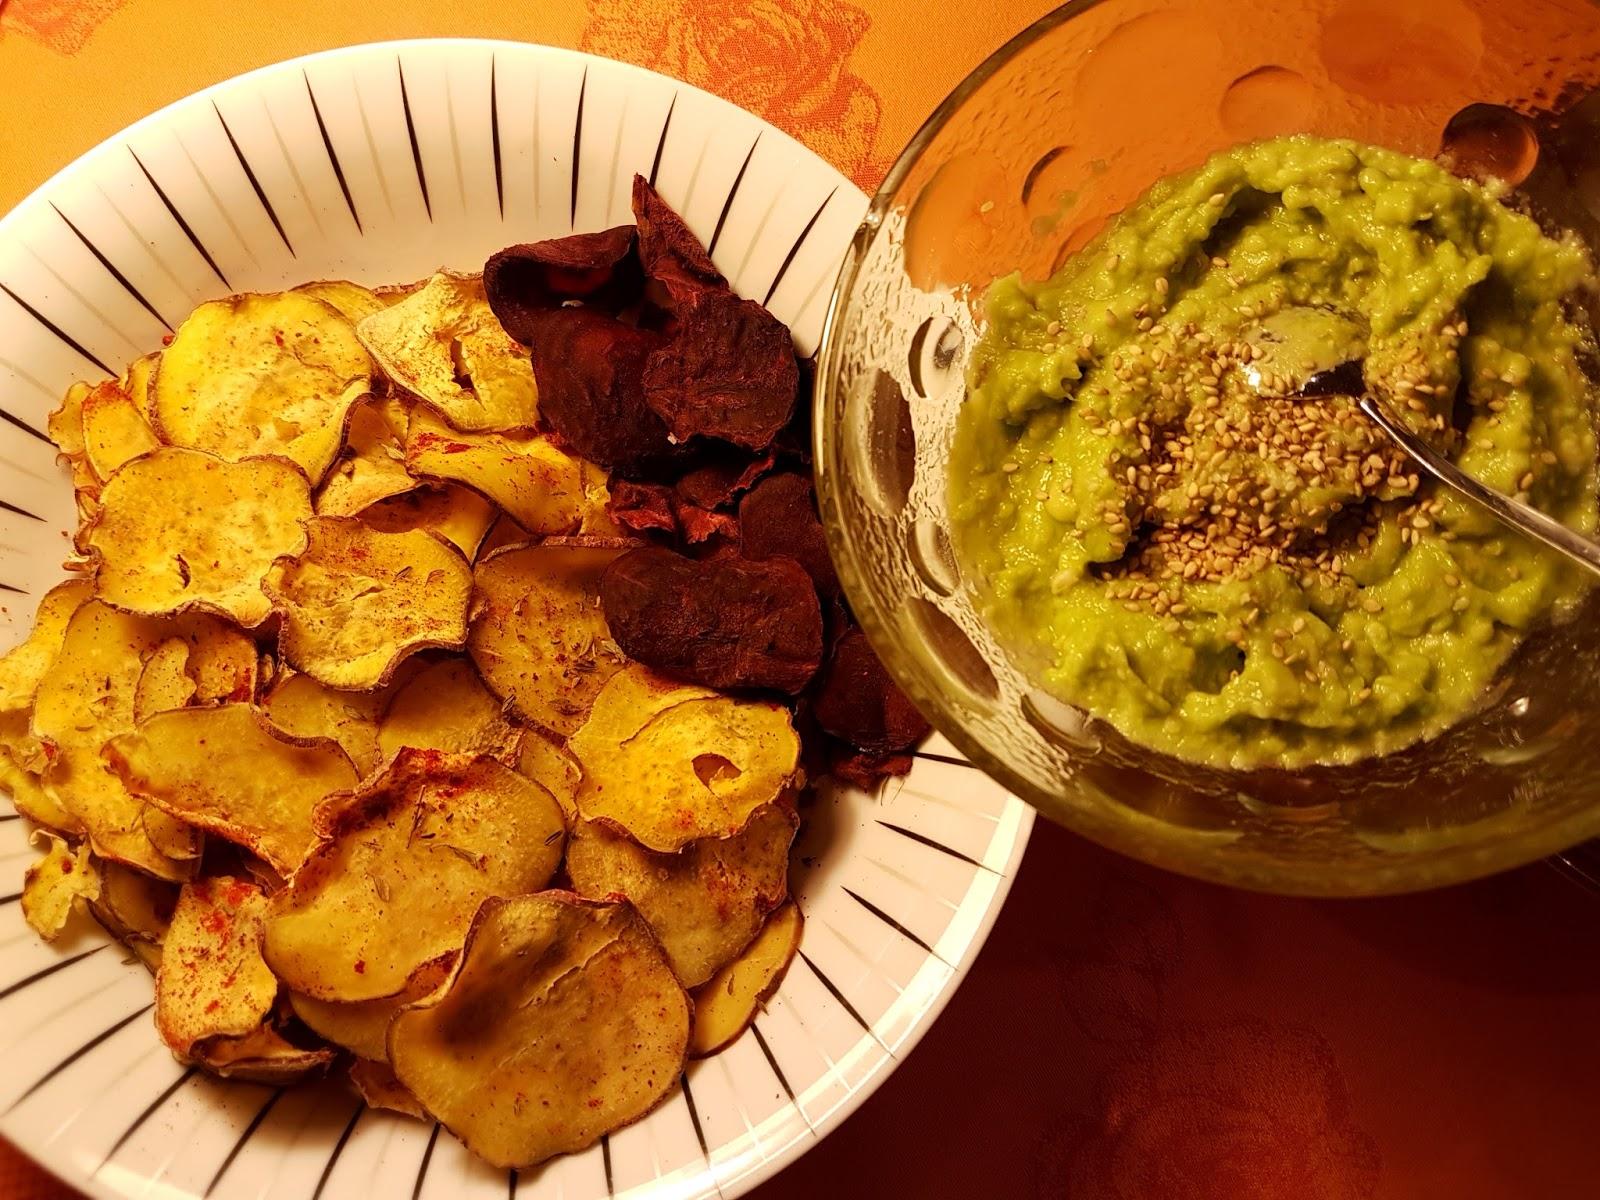 Chips de batata doce e beterraba com maionese verde